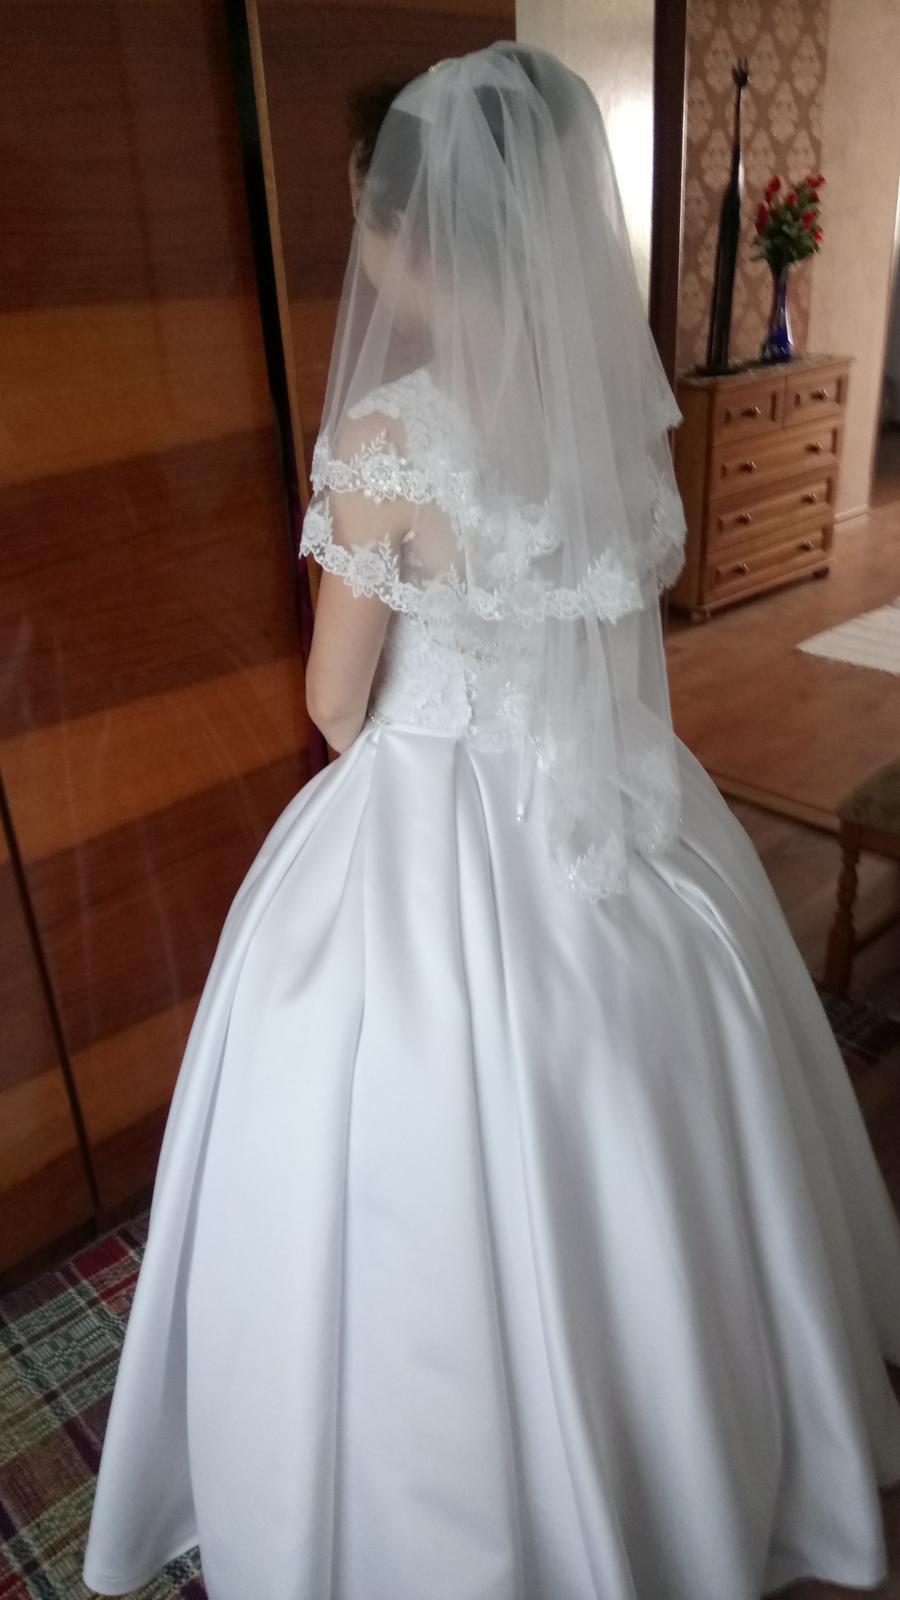 Predan svadobné šaty - Obrázok č. 2